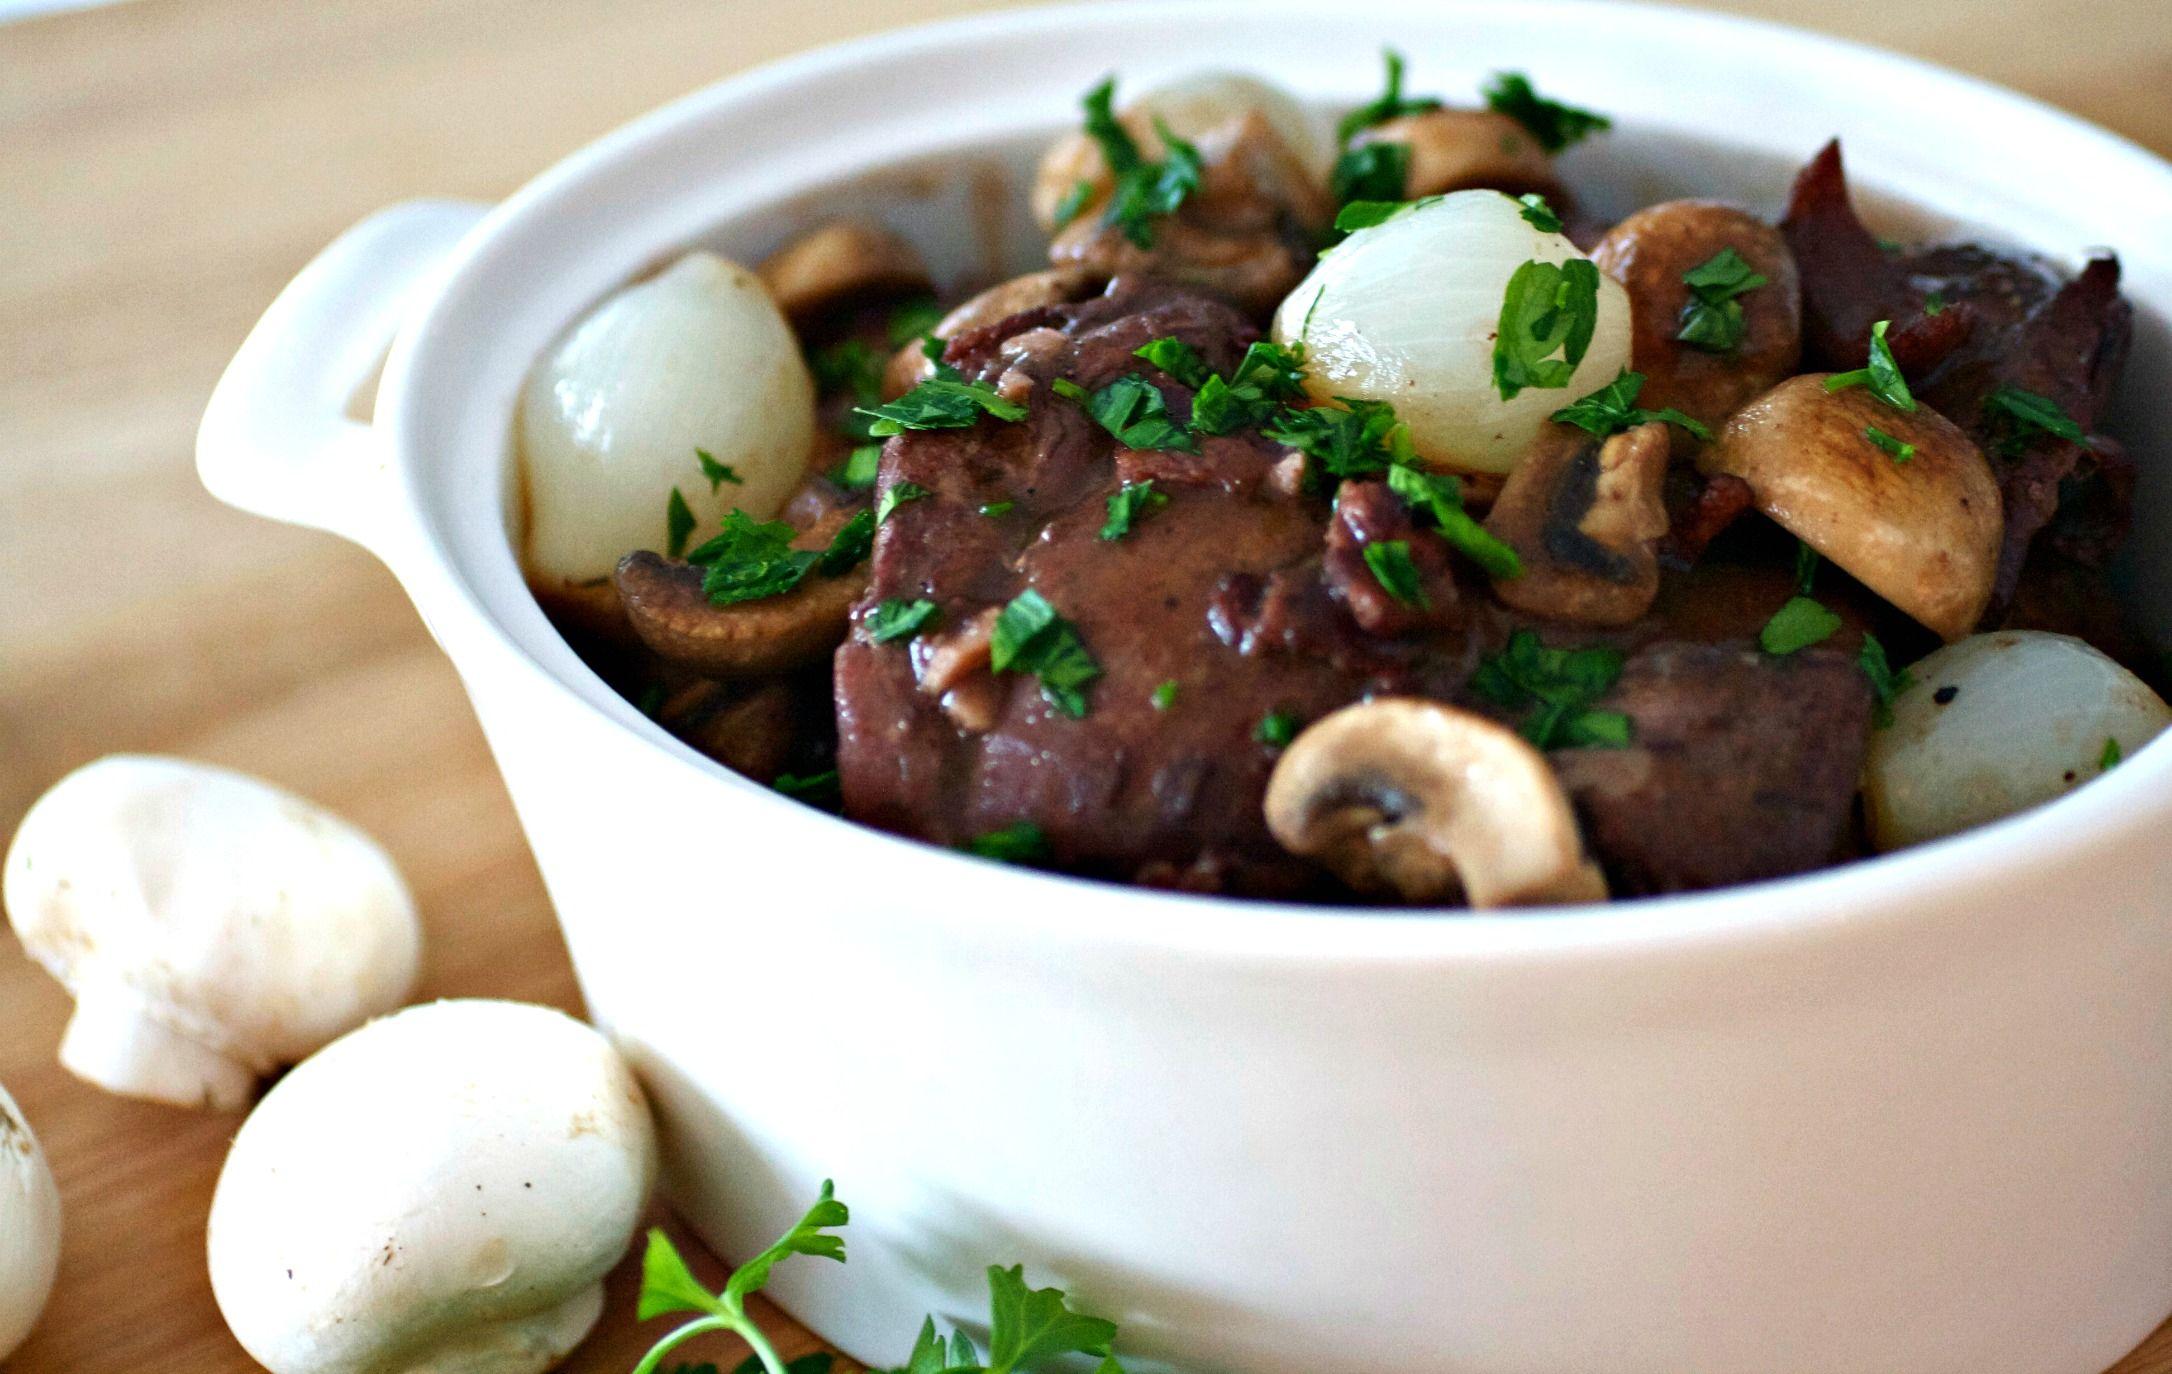 Julia Child S Coq Au Vin Recipe Recipe Coq Au Vin Food Recipes